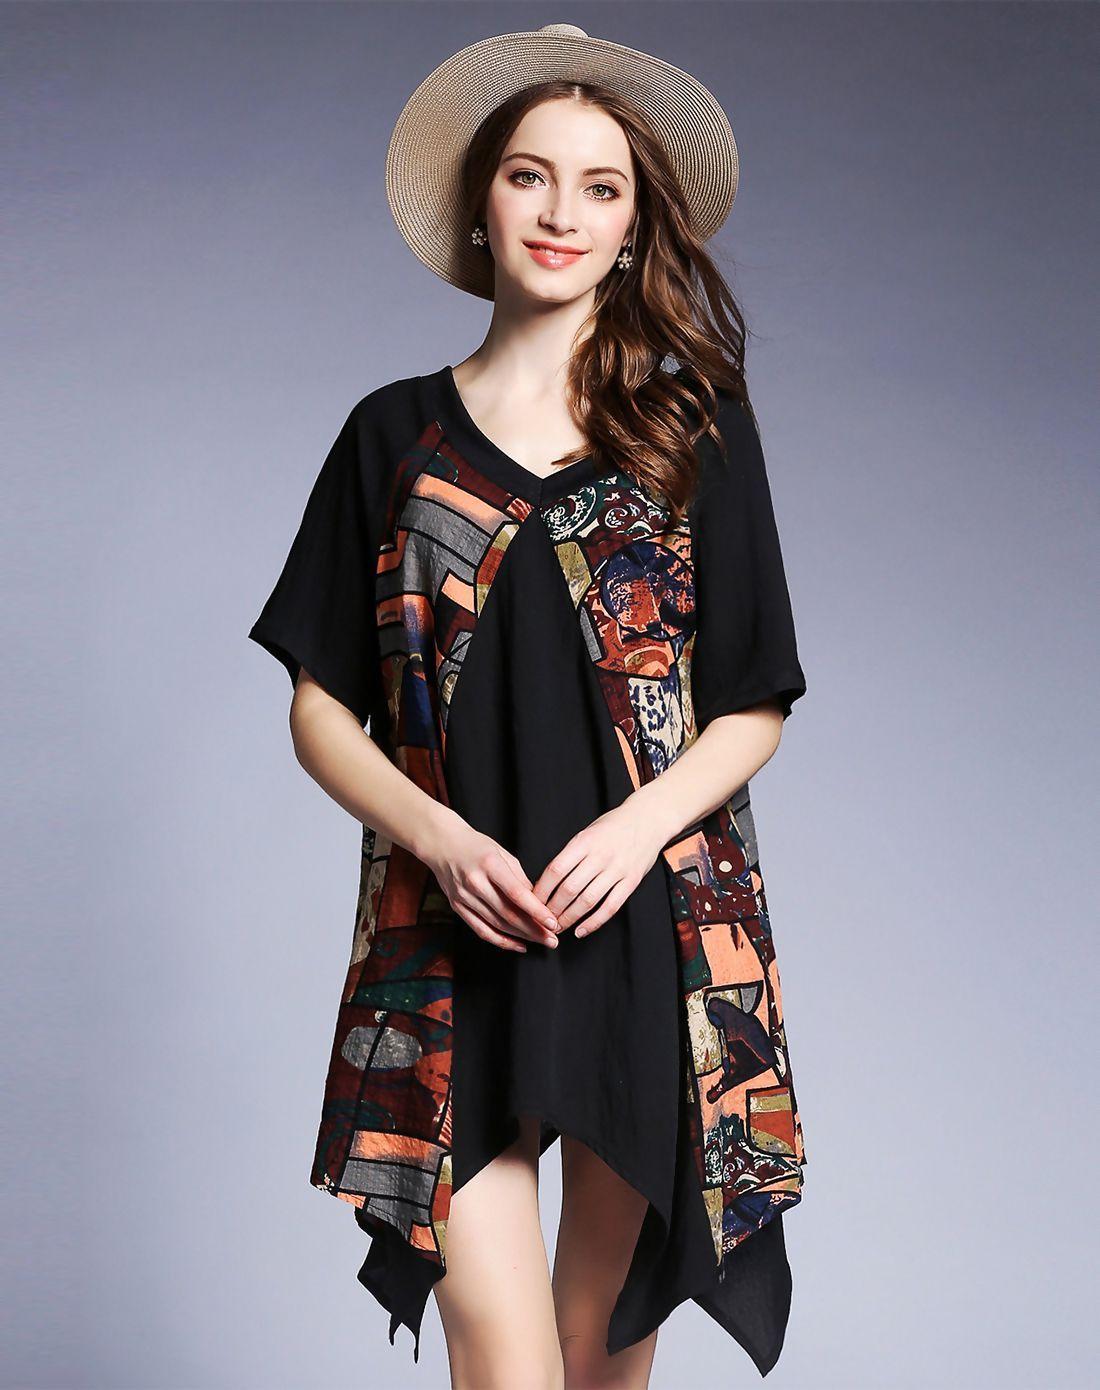 Adorewe vipme aline dressesdesigner fan shang v neck short